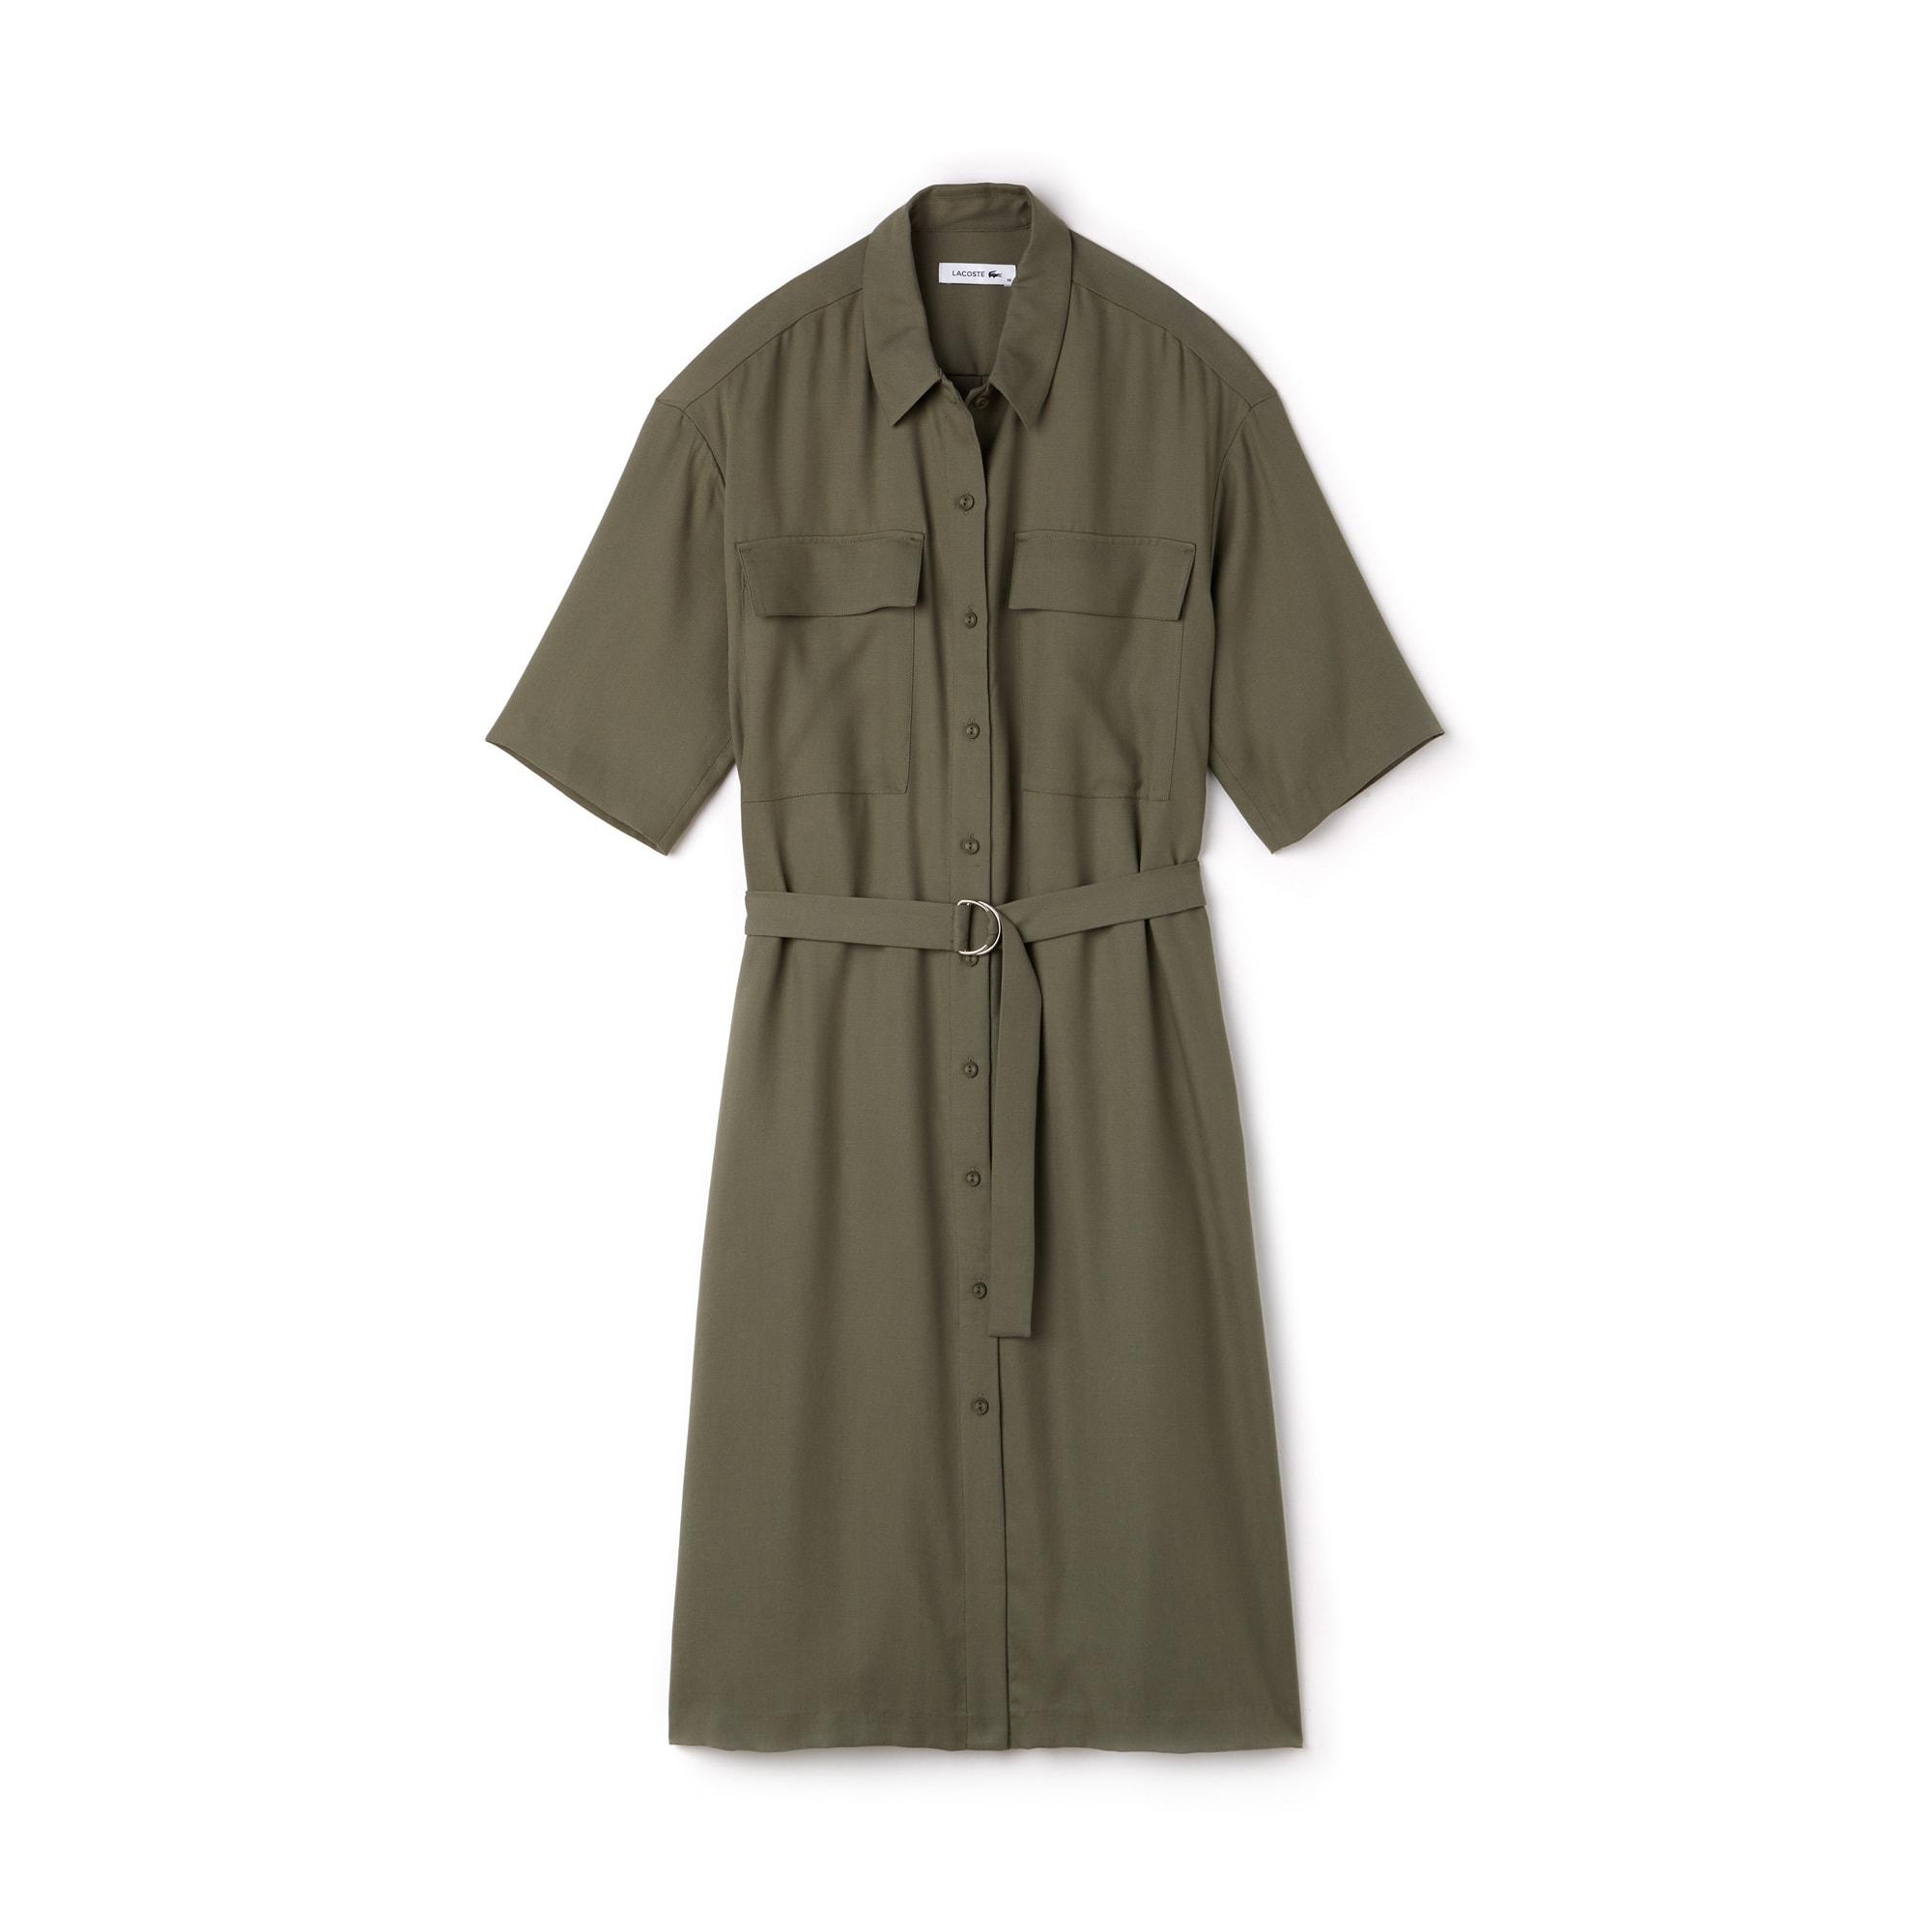 Vestido camisero con cinturón y mangas tres cuartos de piqué liso